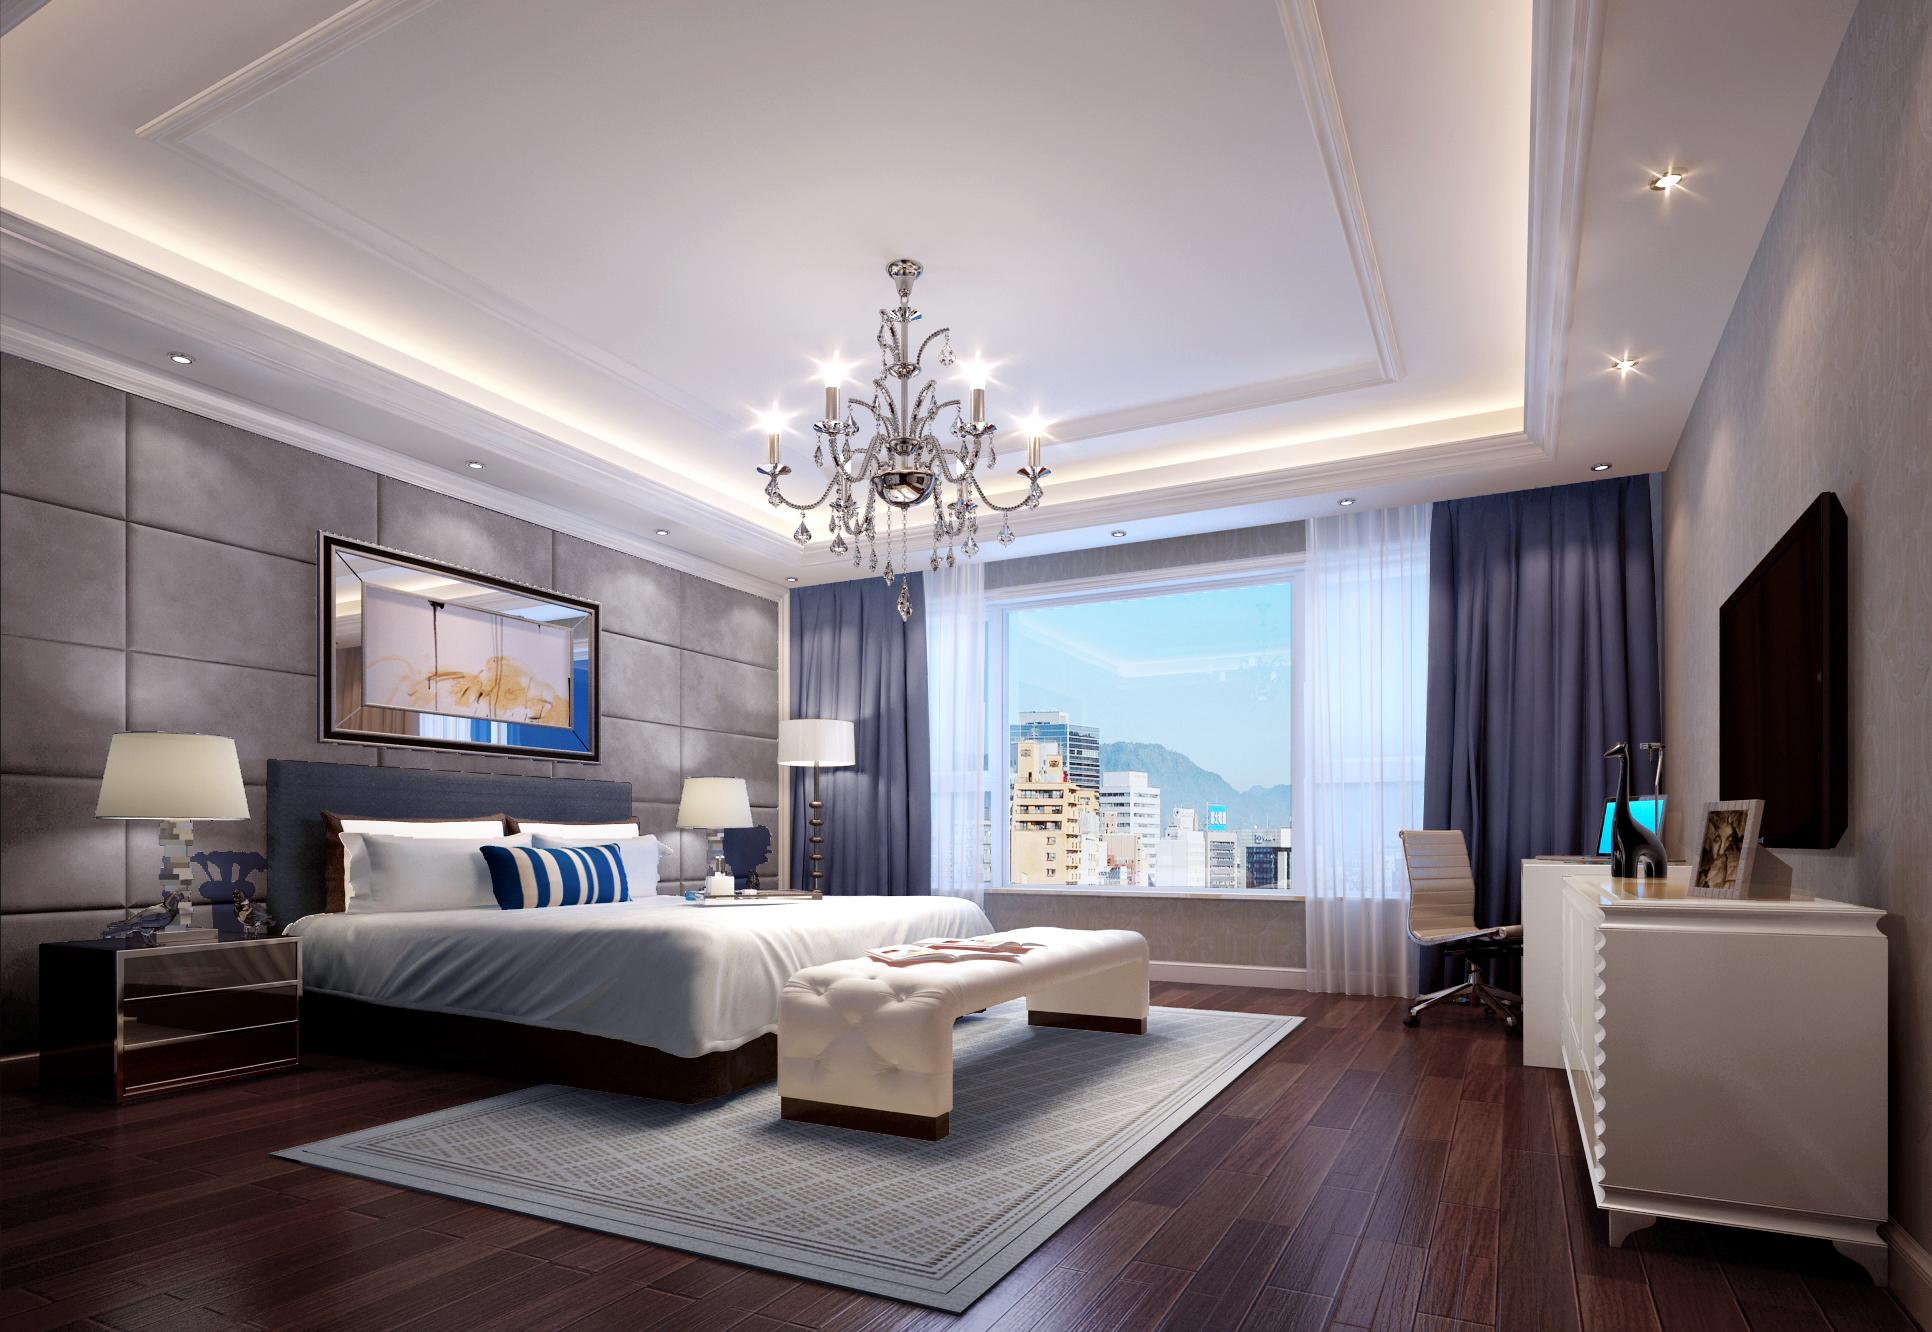 欧式 简约 别墅 西山别墅 软装配饰 卧室图片来自尚层装饰张迪在120万帮您打造450平全案欧式风格的分享